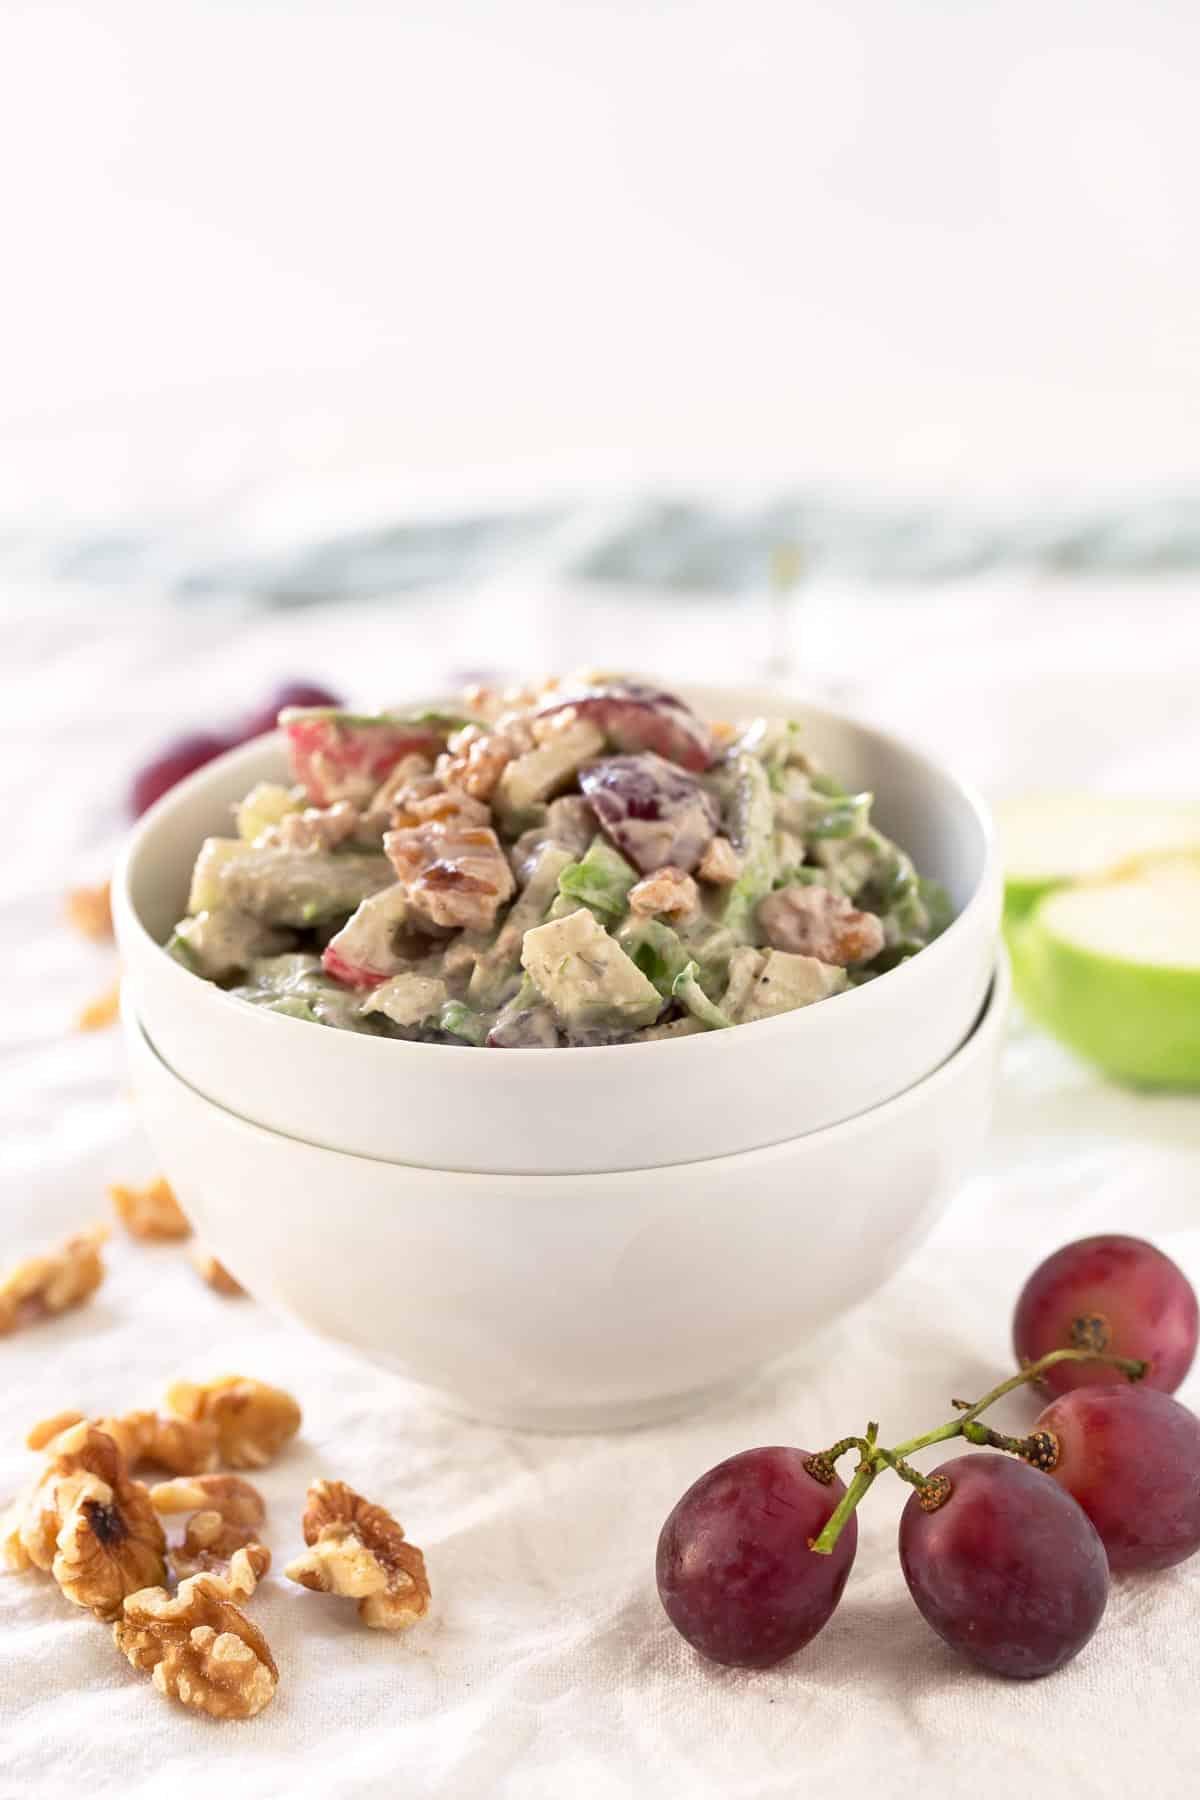 Ensalada Waldorf Vegana.- Esta ensalada Waldorf vegana es una receta muy sencilla, pero está para chuparse los dedos. El aliño es muy cremoso y más ligero que el original.